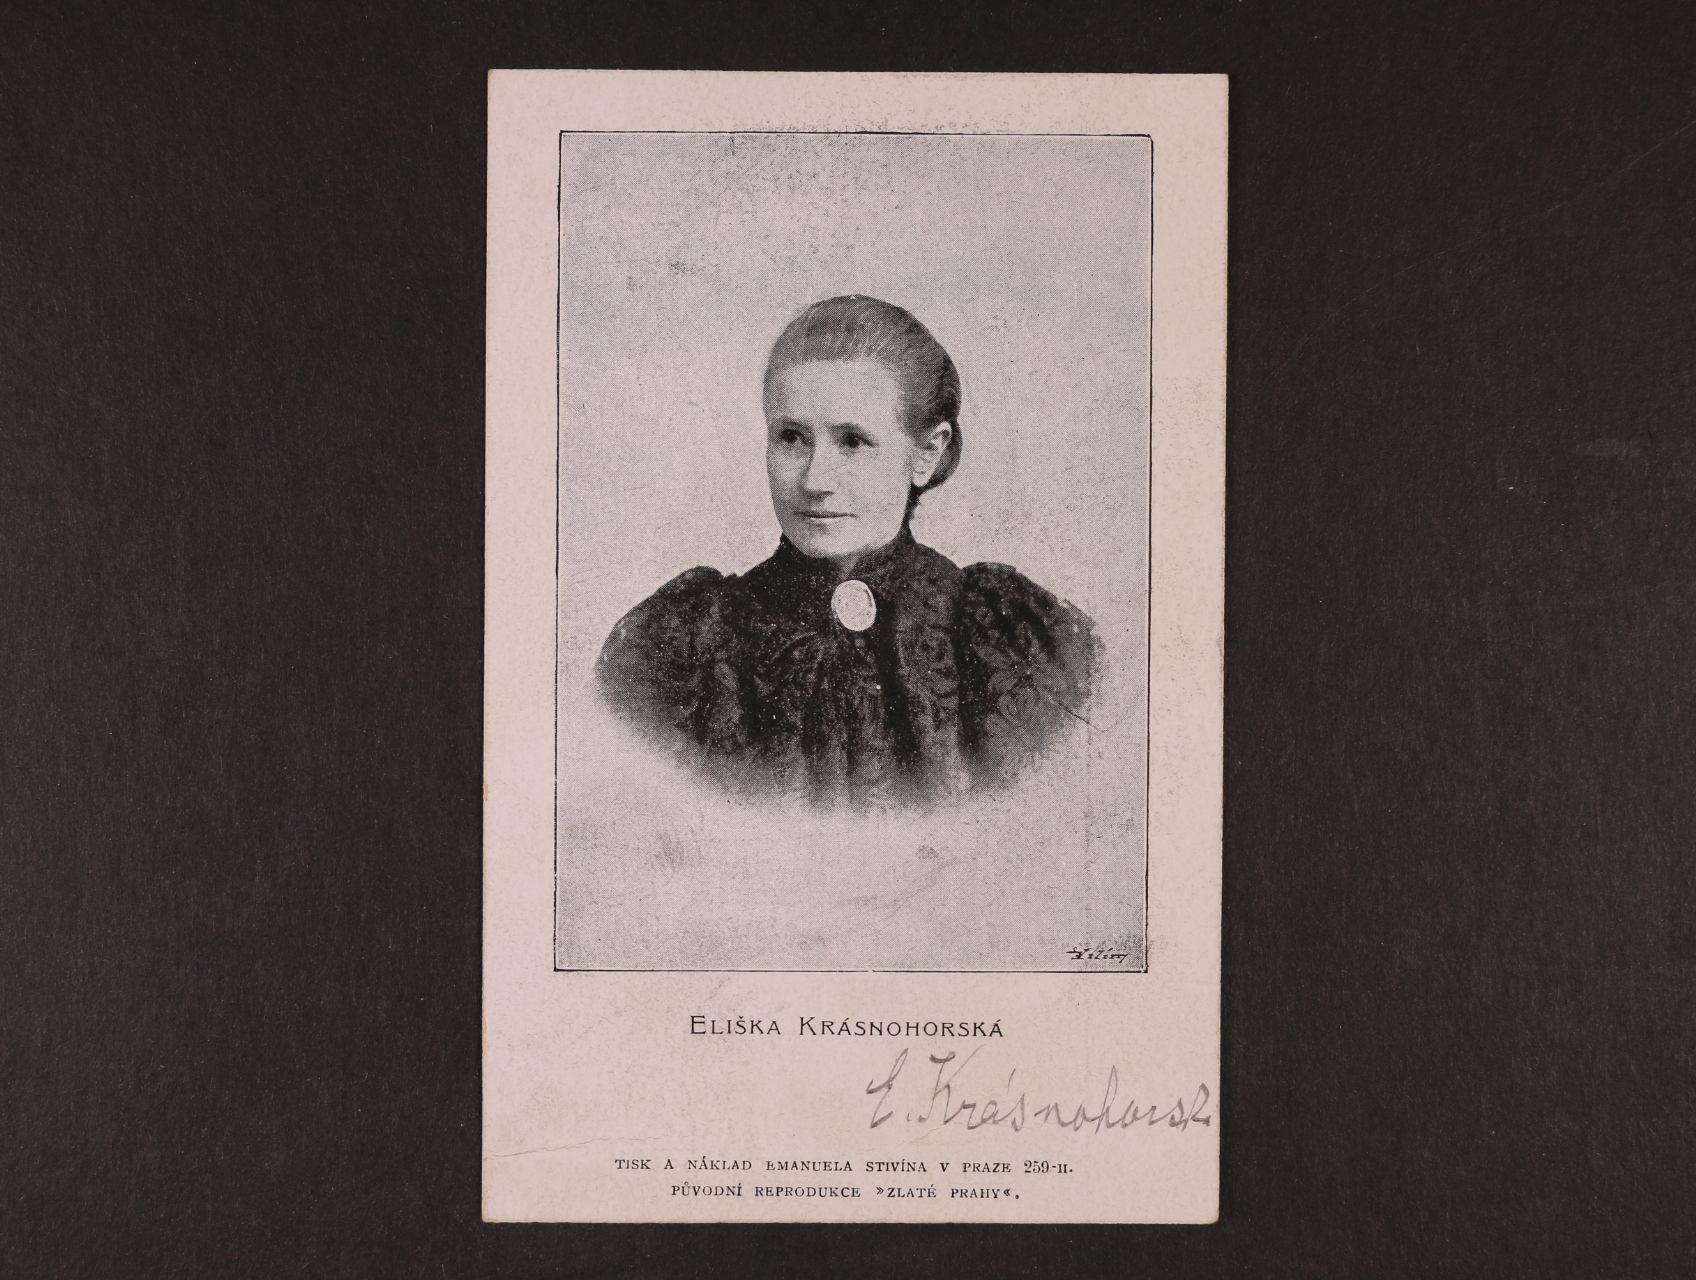 Krásnohorská Eliška, vl. jménem Pechová Alžběta, 1847 - 1926, česká spisovatelka, básnířka a překladatelka - fotopohlednice s podobiznou a vlastnoručním podpisem